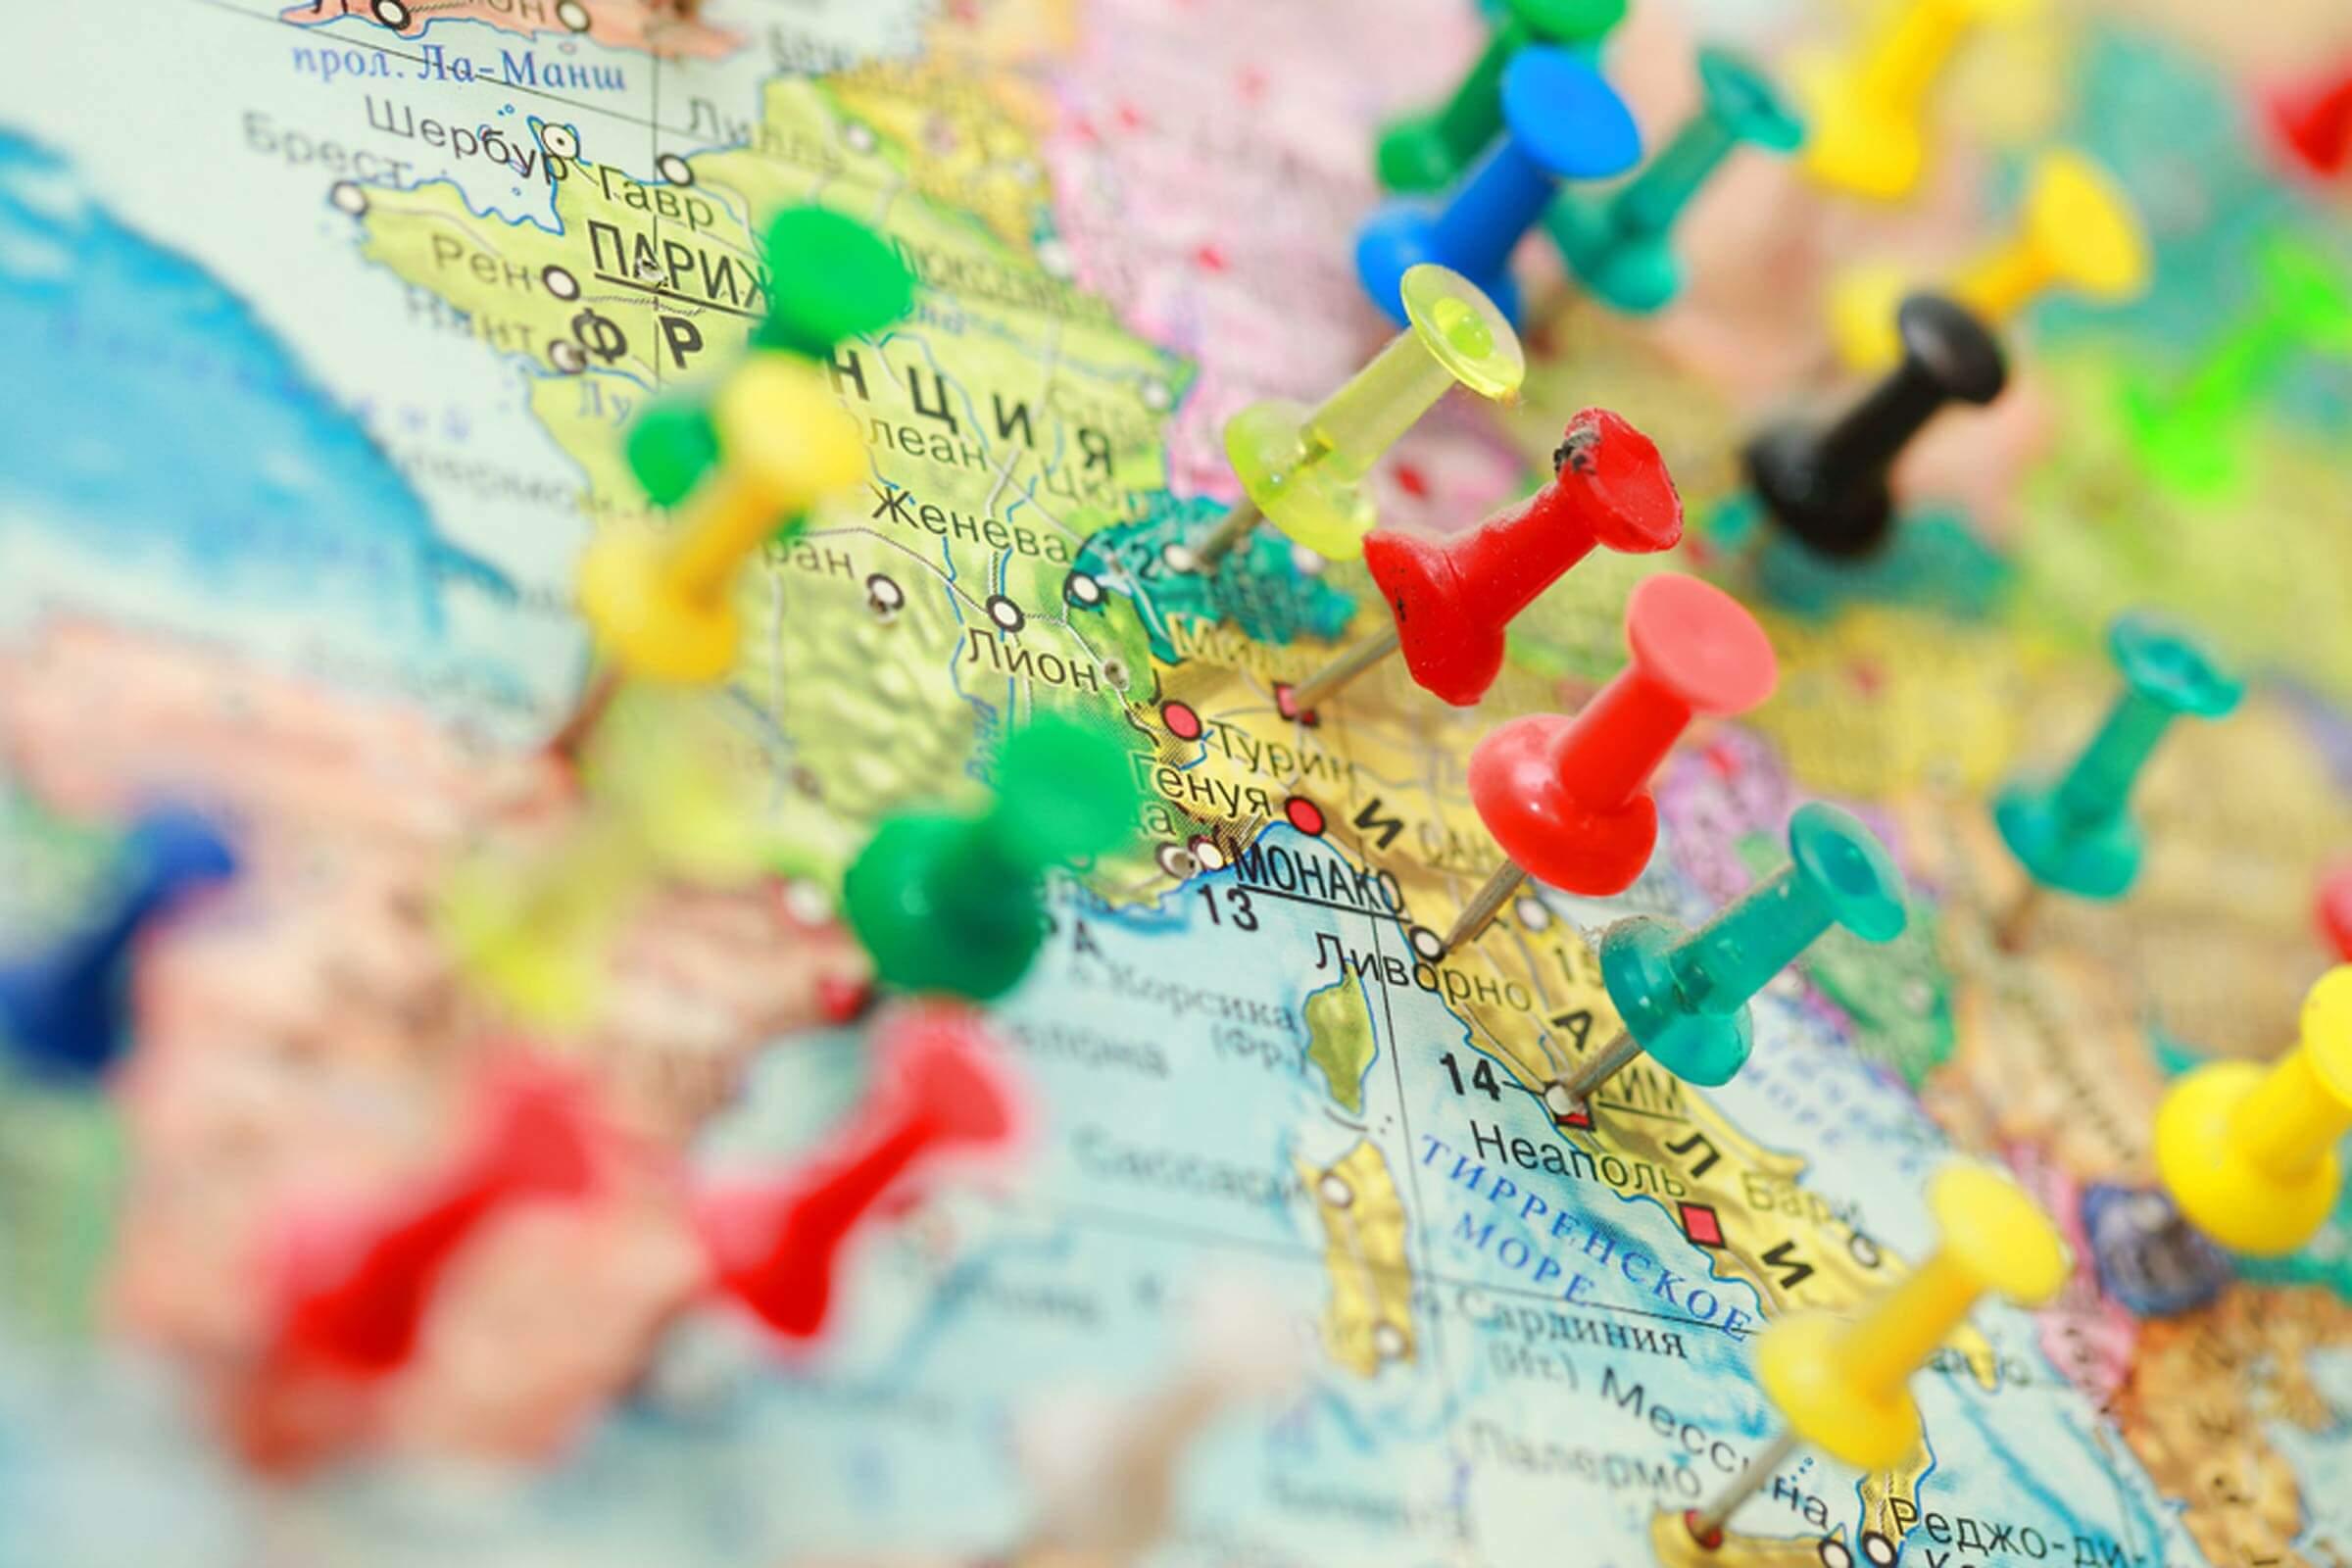 ¿Qué país de origen, país de adquisición y país de procedencia?